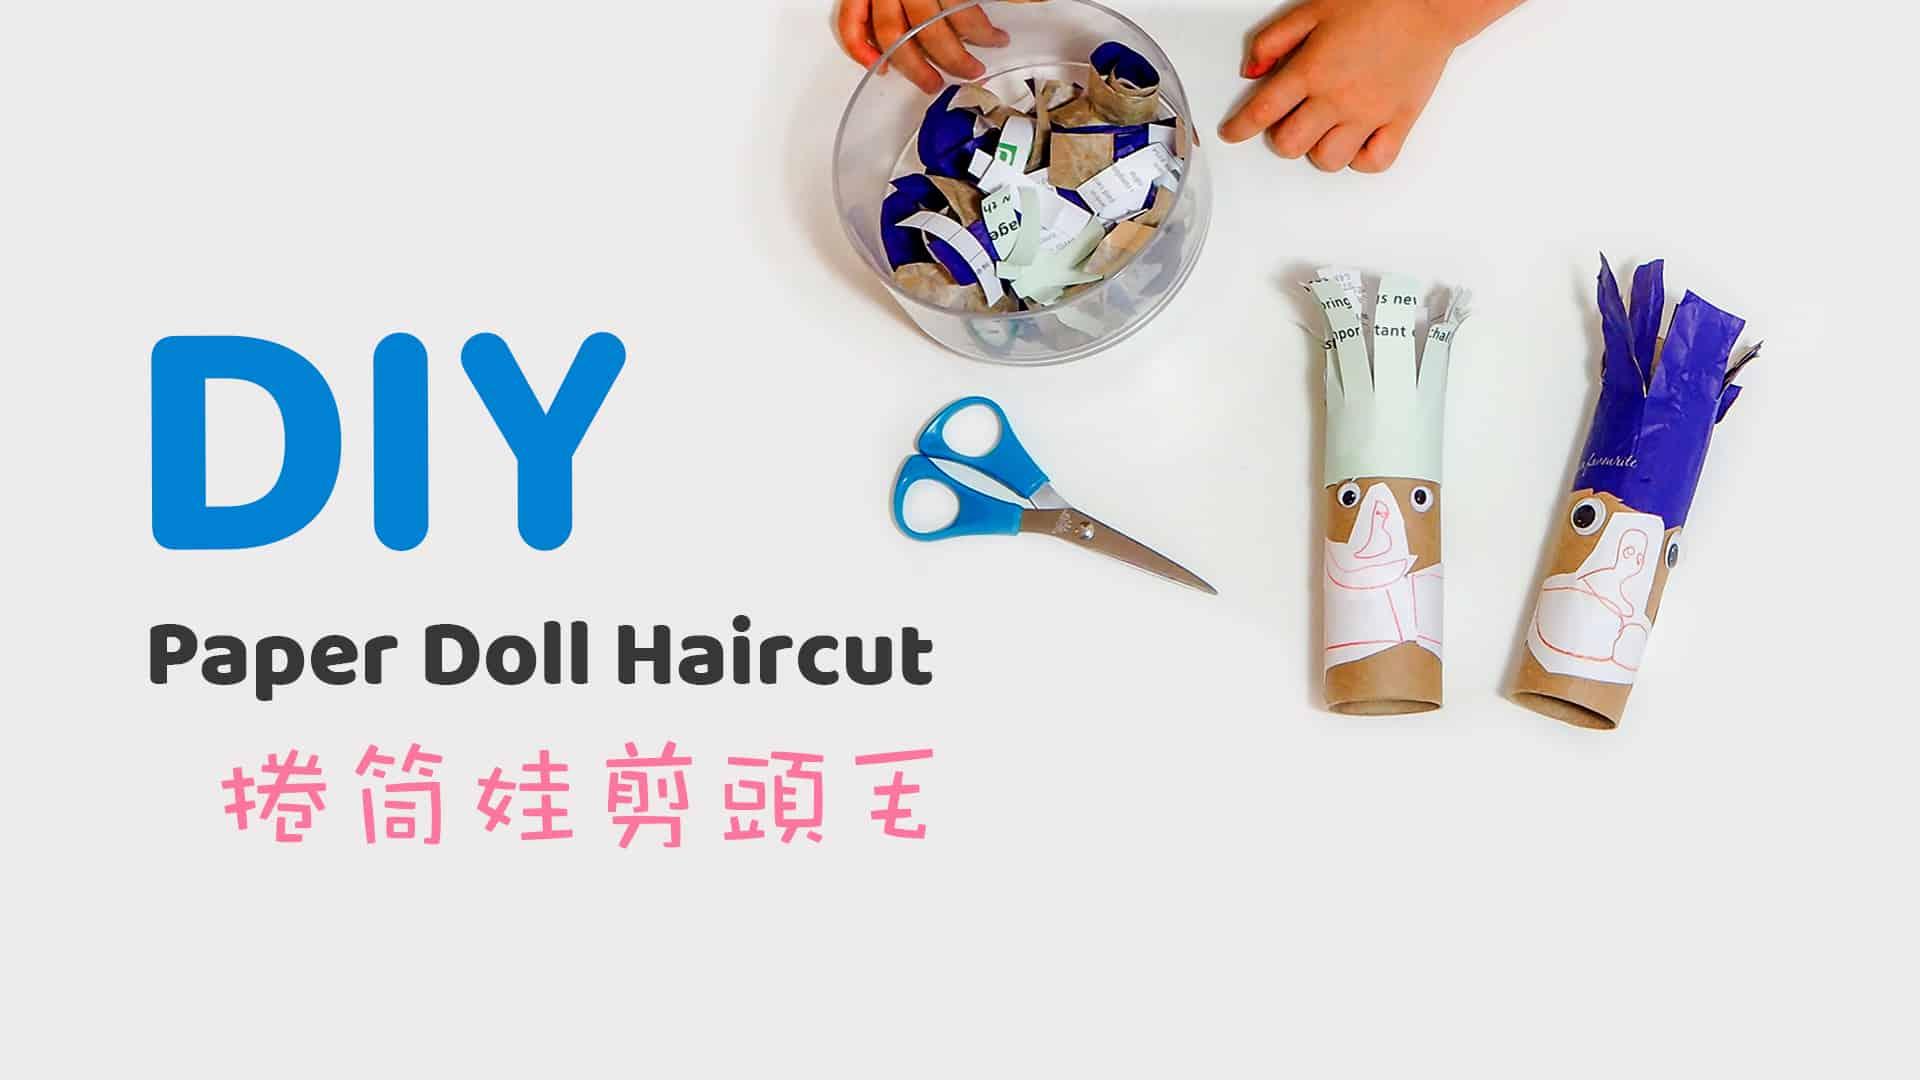 DIY 捲筒娃剪頭毛